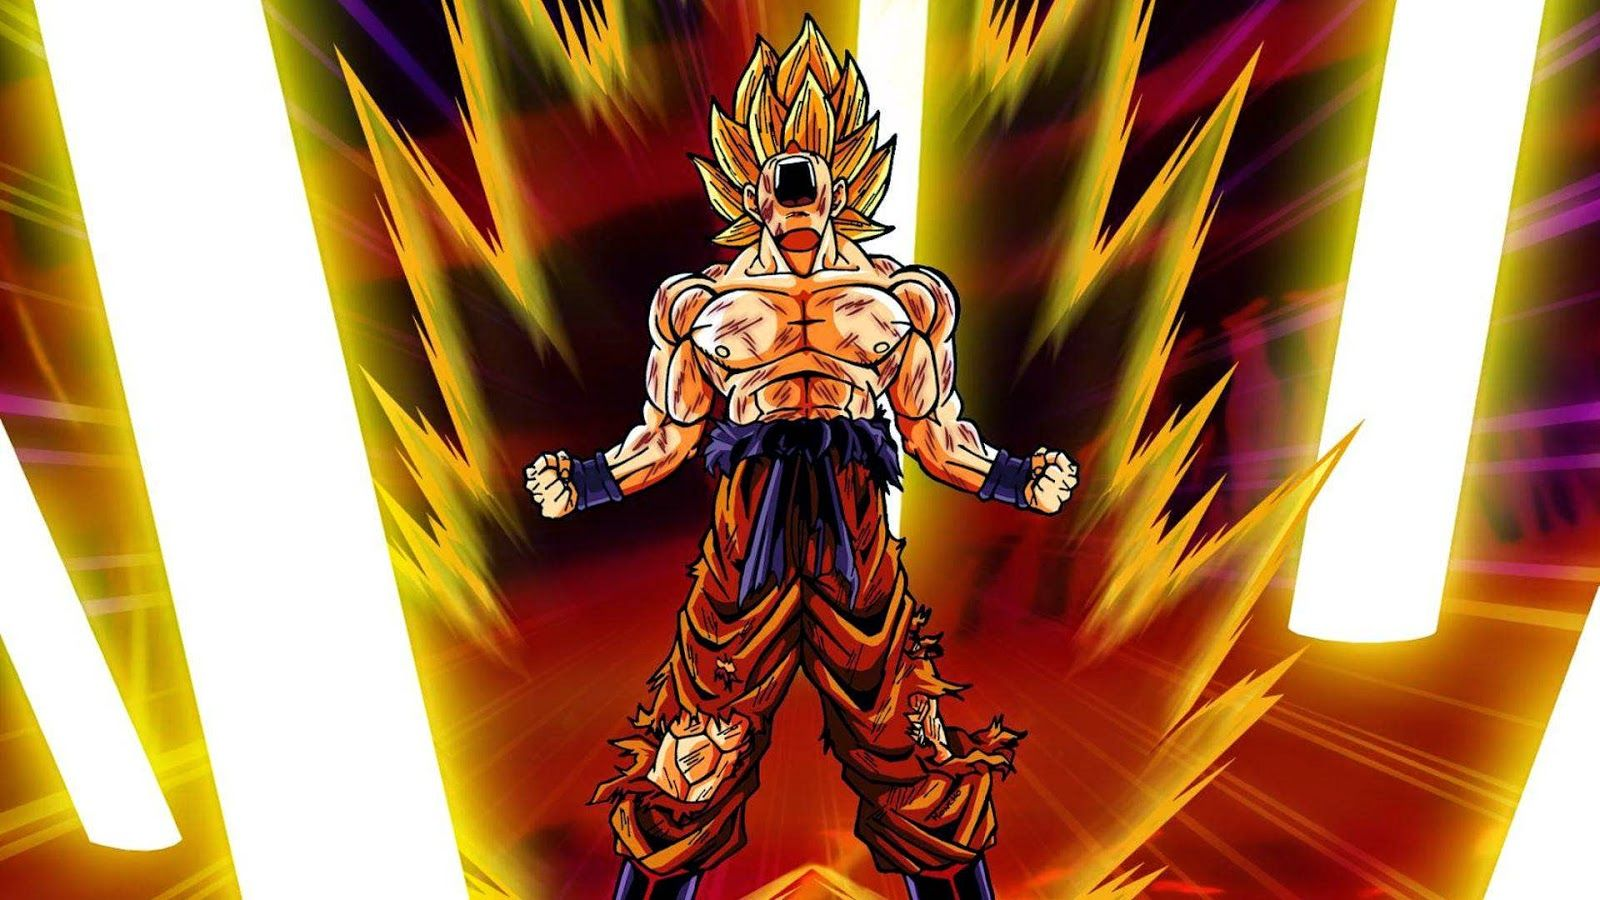 Imagens Do Dragon Ball Z Para Baixar Youtube Baixar Imagens Do